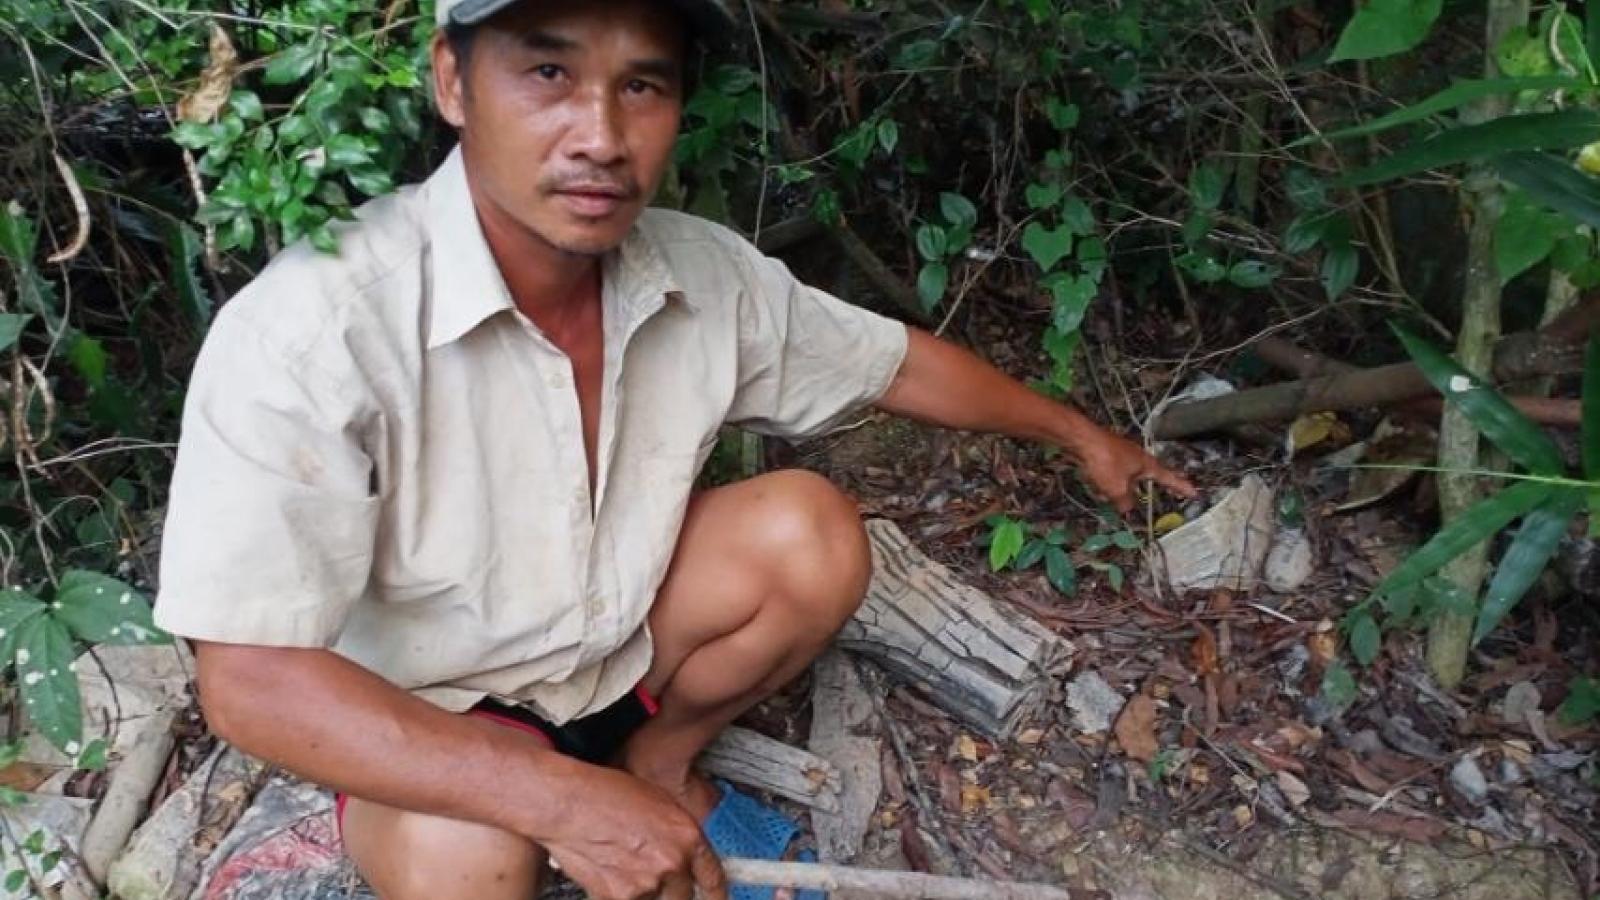 Người dân phát hiện lựu đạn trong vườn, sau nửa tháng chưa được thu gom